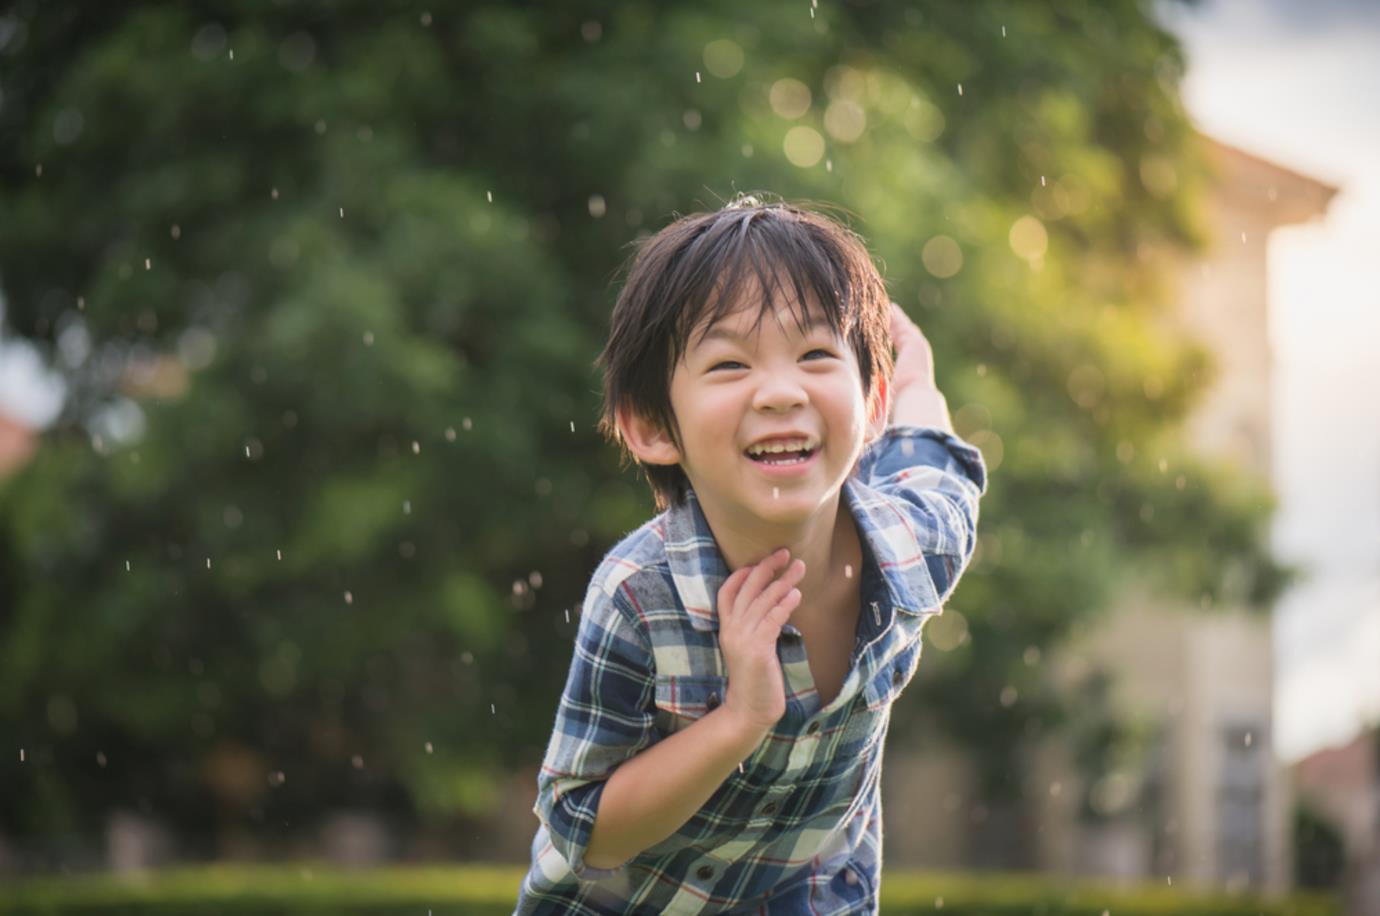 Các lưu ý giúp mẹ chọn được sữa tắm dưỡng ẩm kháng khuẩn cho trẻ trong mùa Covid-19 chuẩn kiến thức da liễu - Ảnh 1.